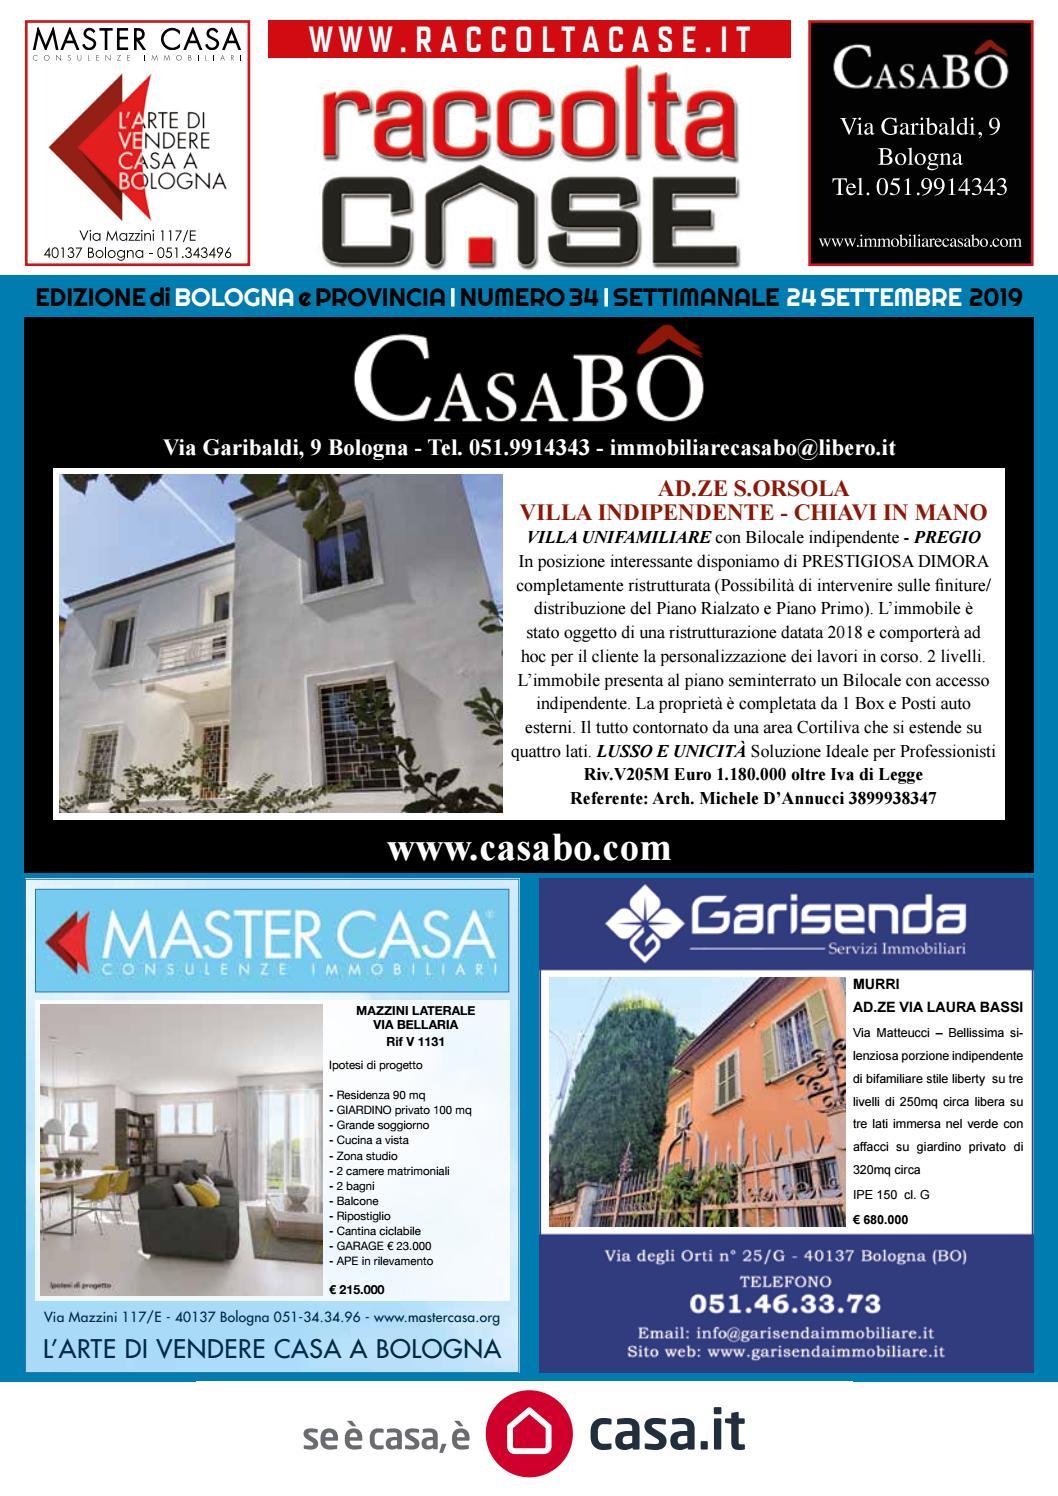 Spazio Vitale Studio Immobiliare raccoltacase bologna 34 - 2019 by publidok s.r.l. - issuu